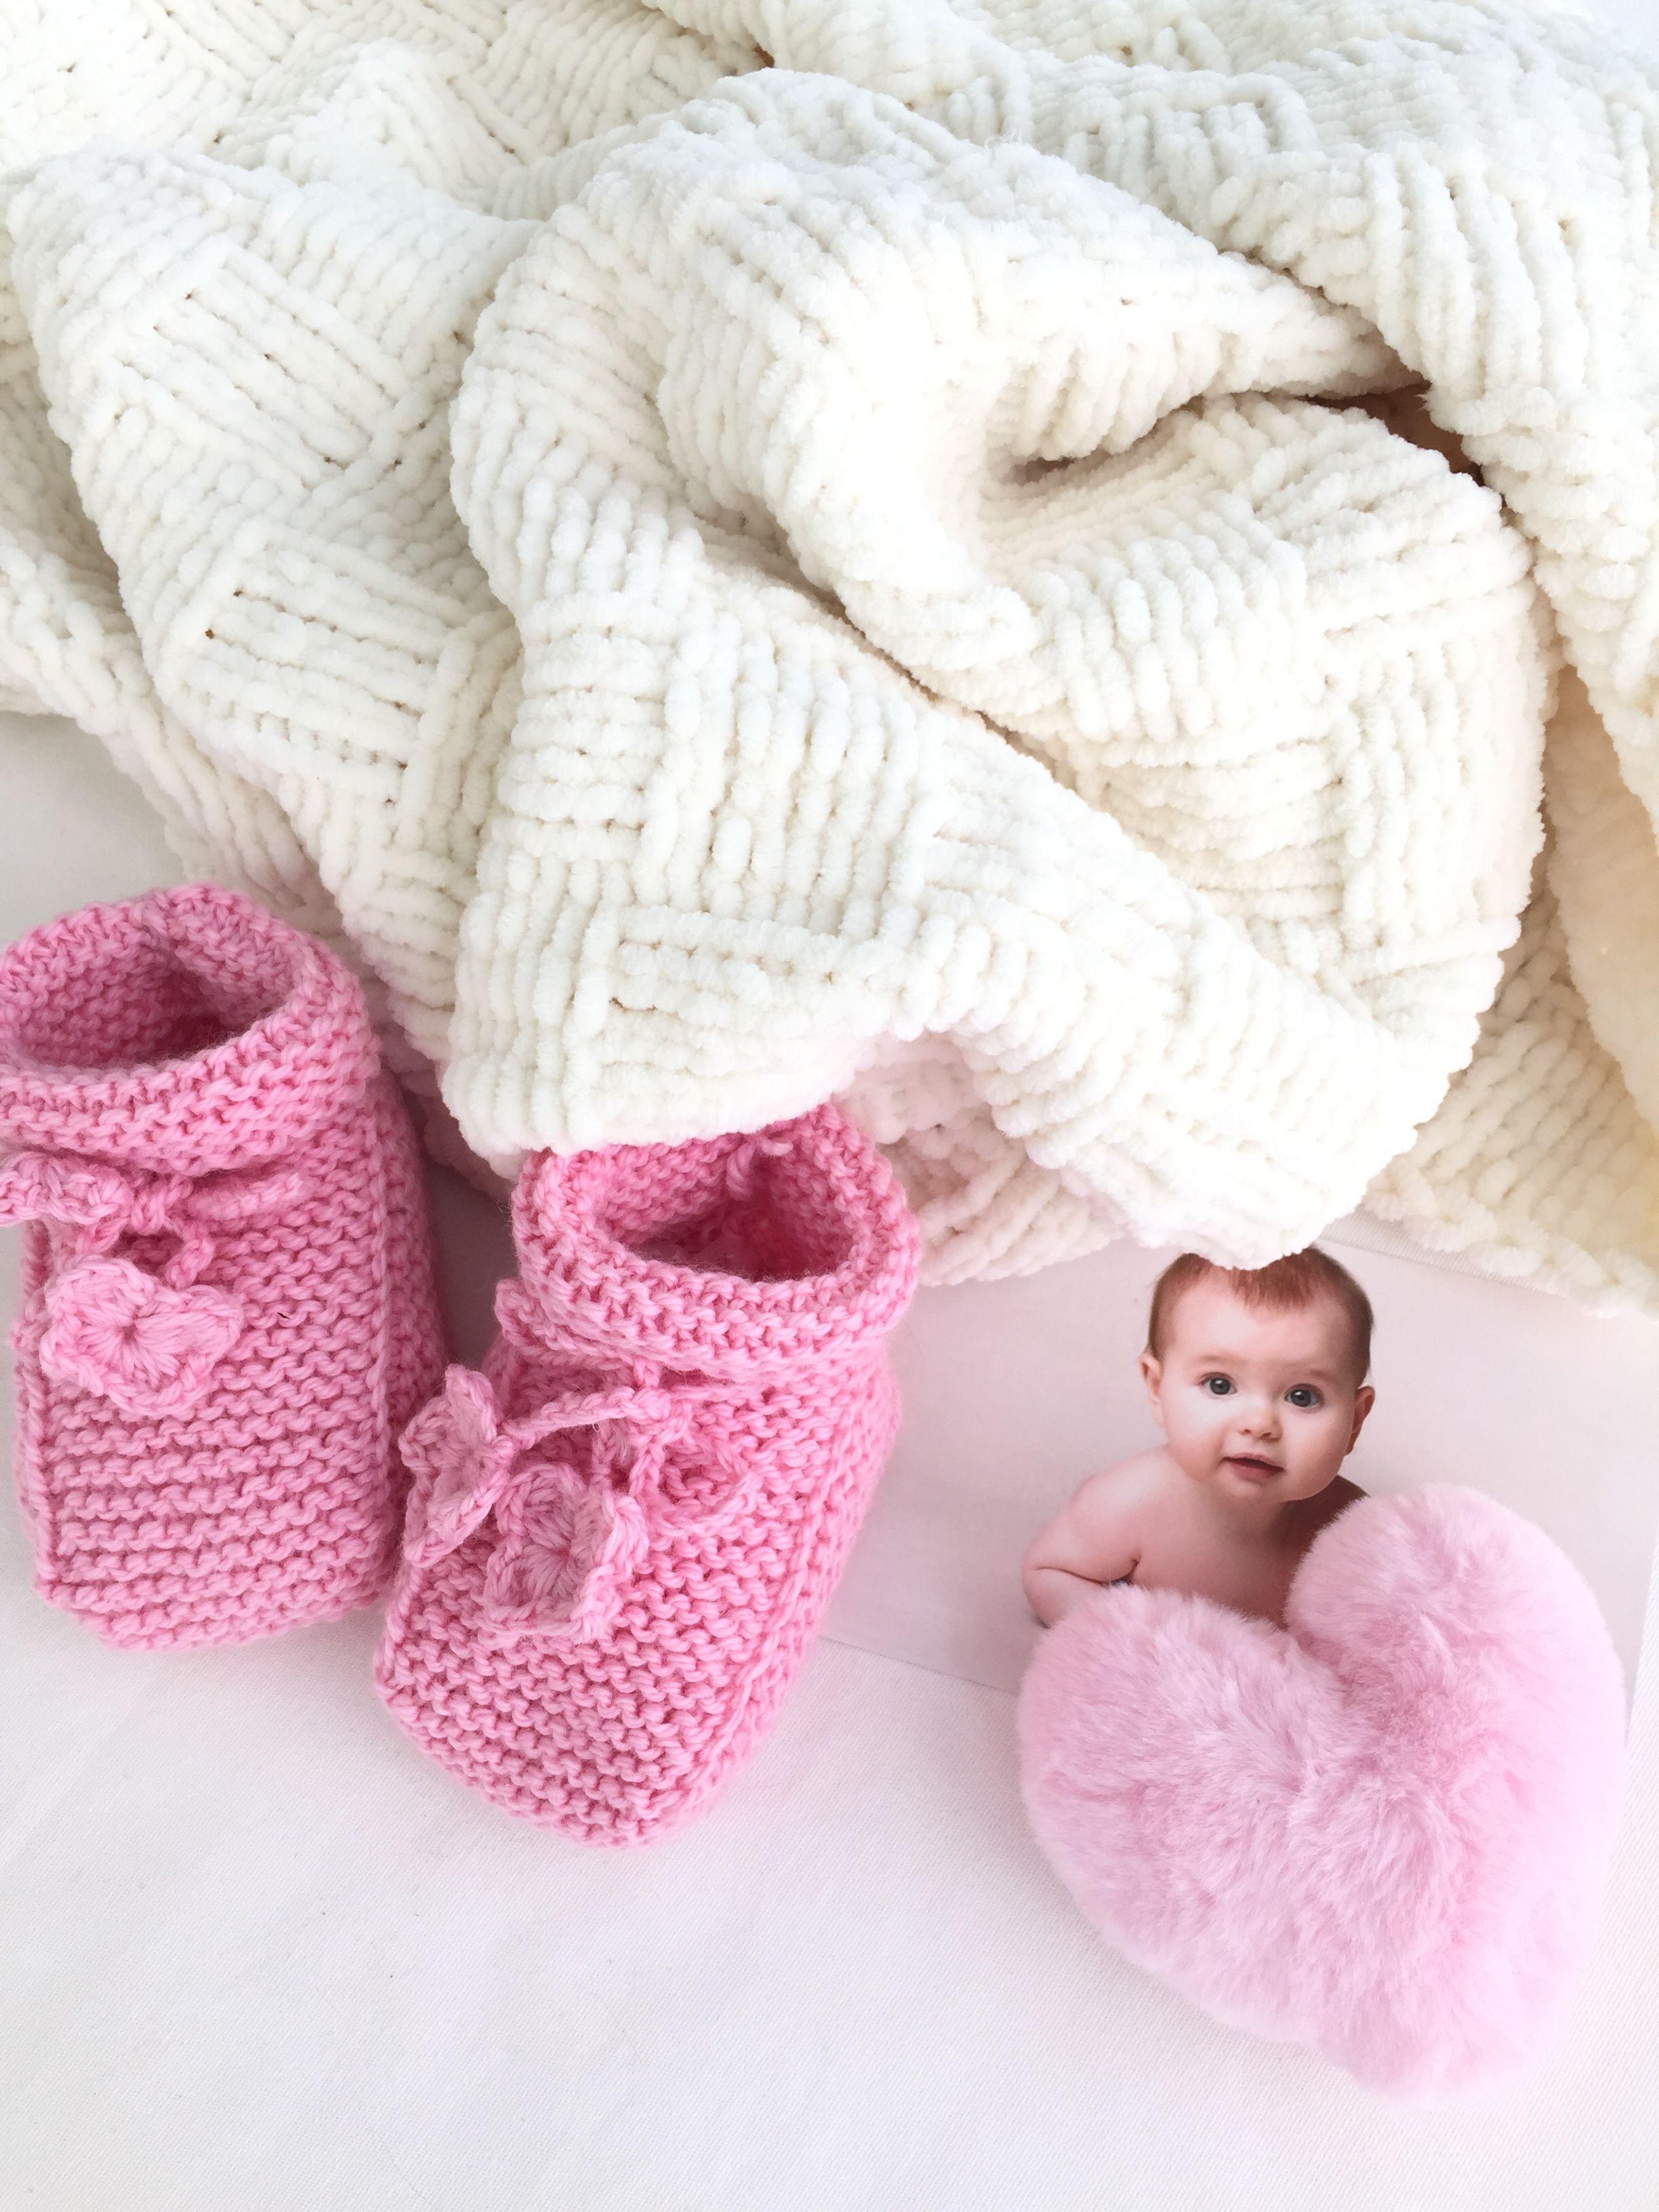 детский плед из плюшевой пряжи подарок малышу Babyblanket Flatlay